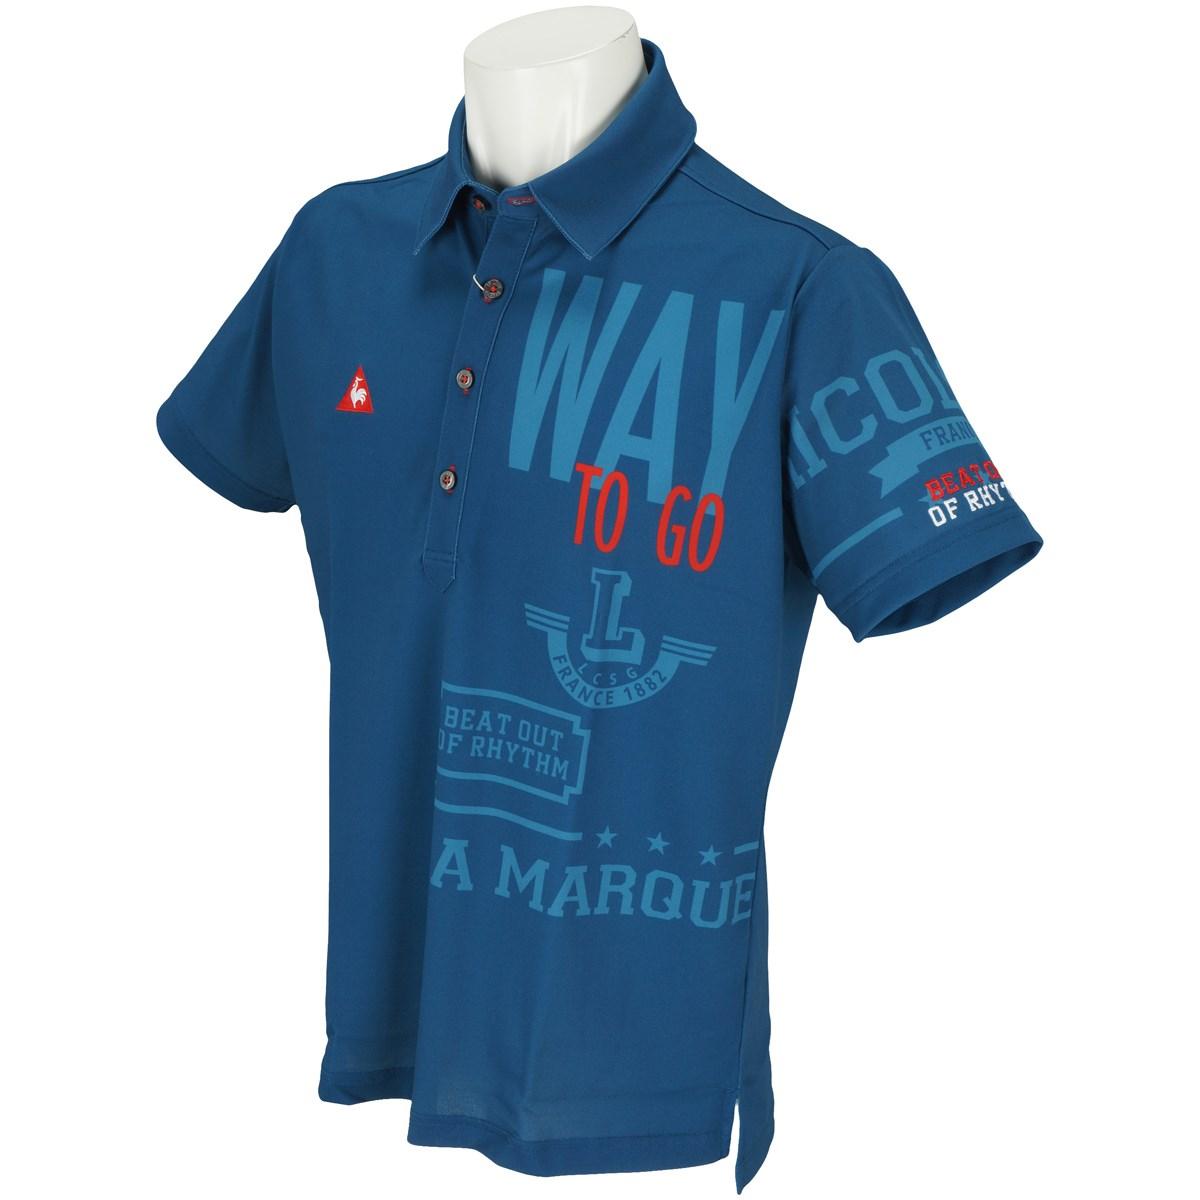 721b6d7908ae3d 半袖ポロシャツ ルコックゴルフ Le coq sportif GOLF|GDOゴルフショップ